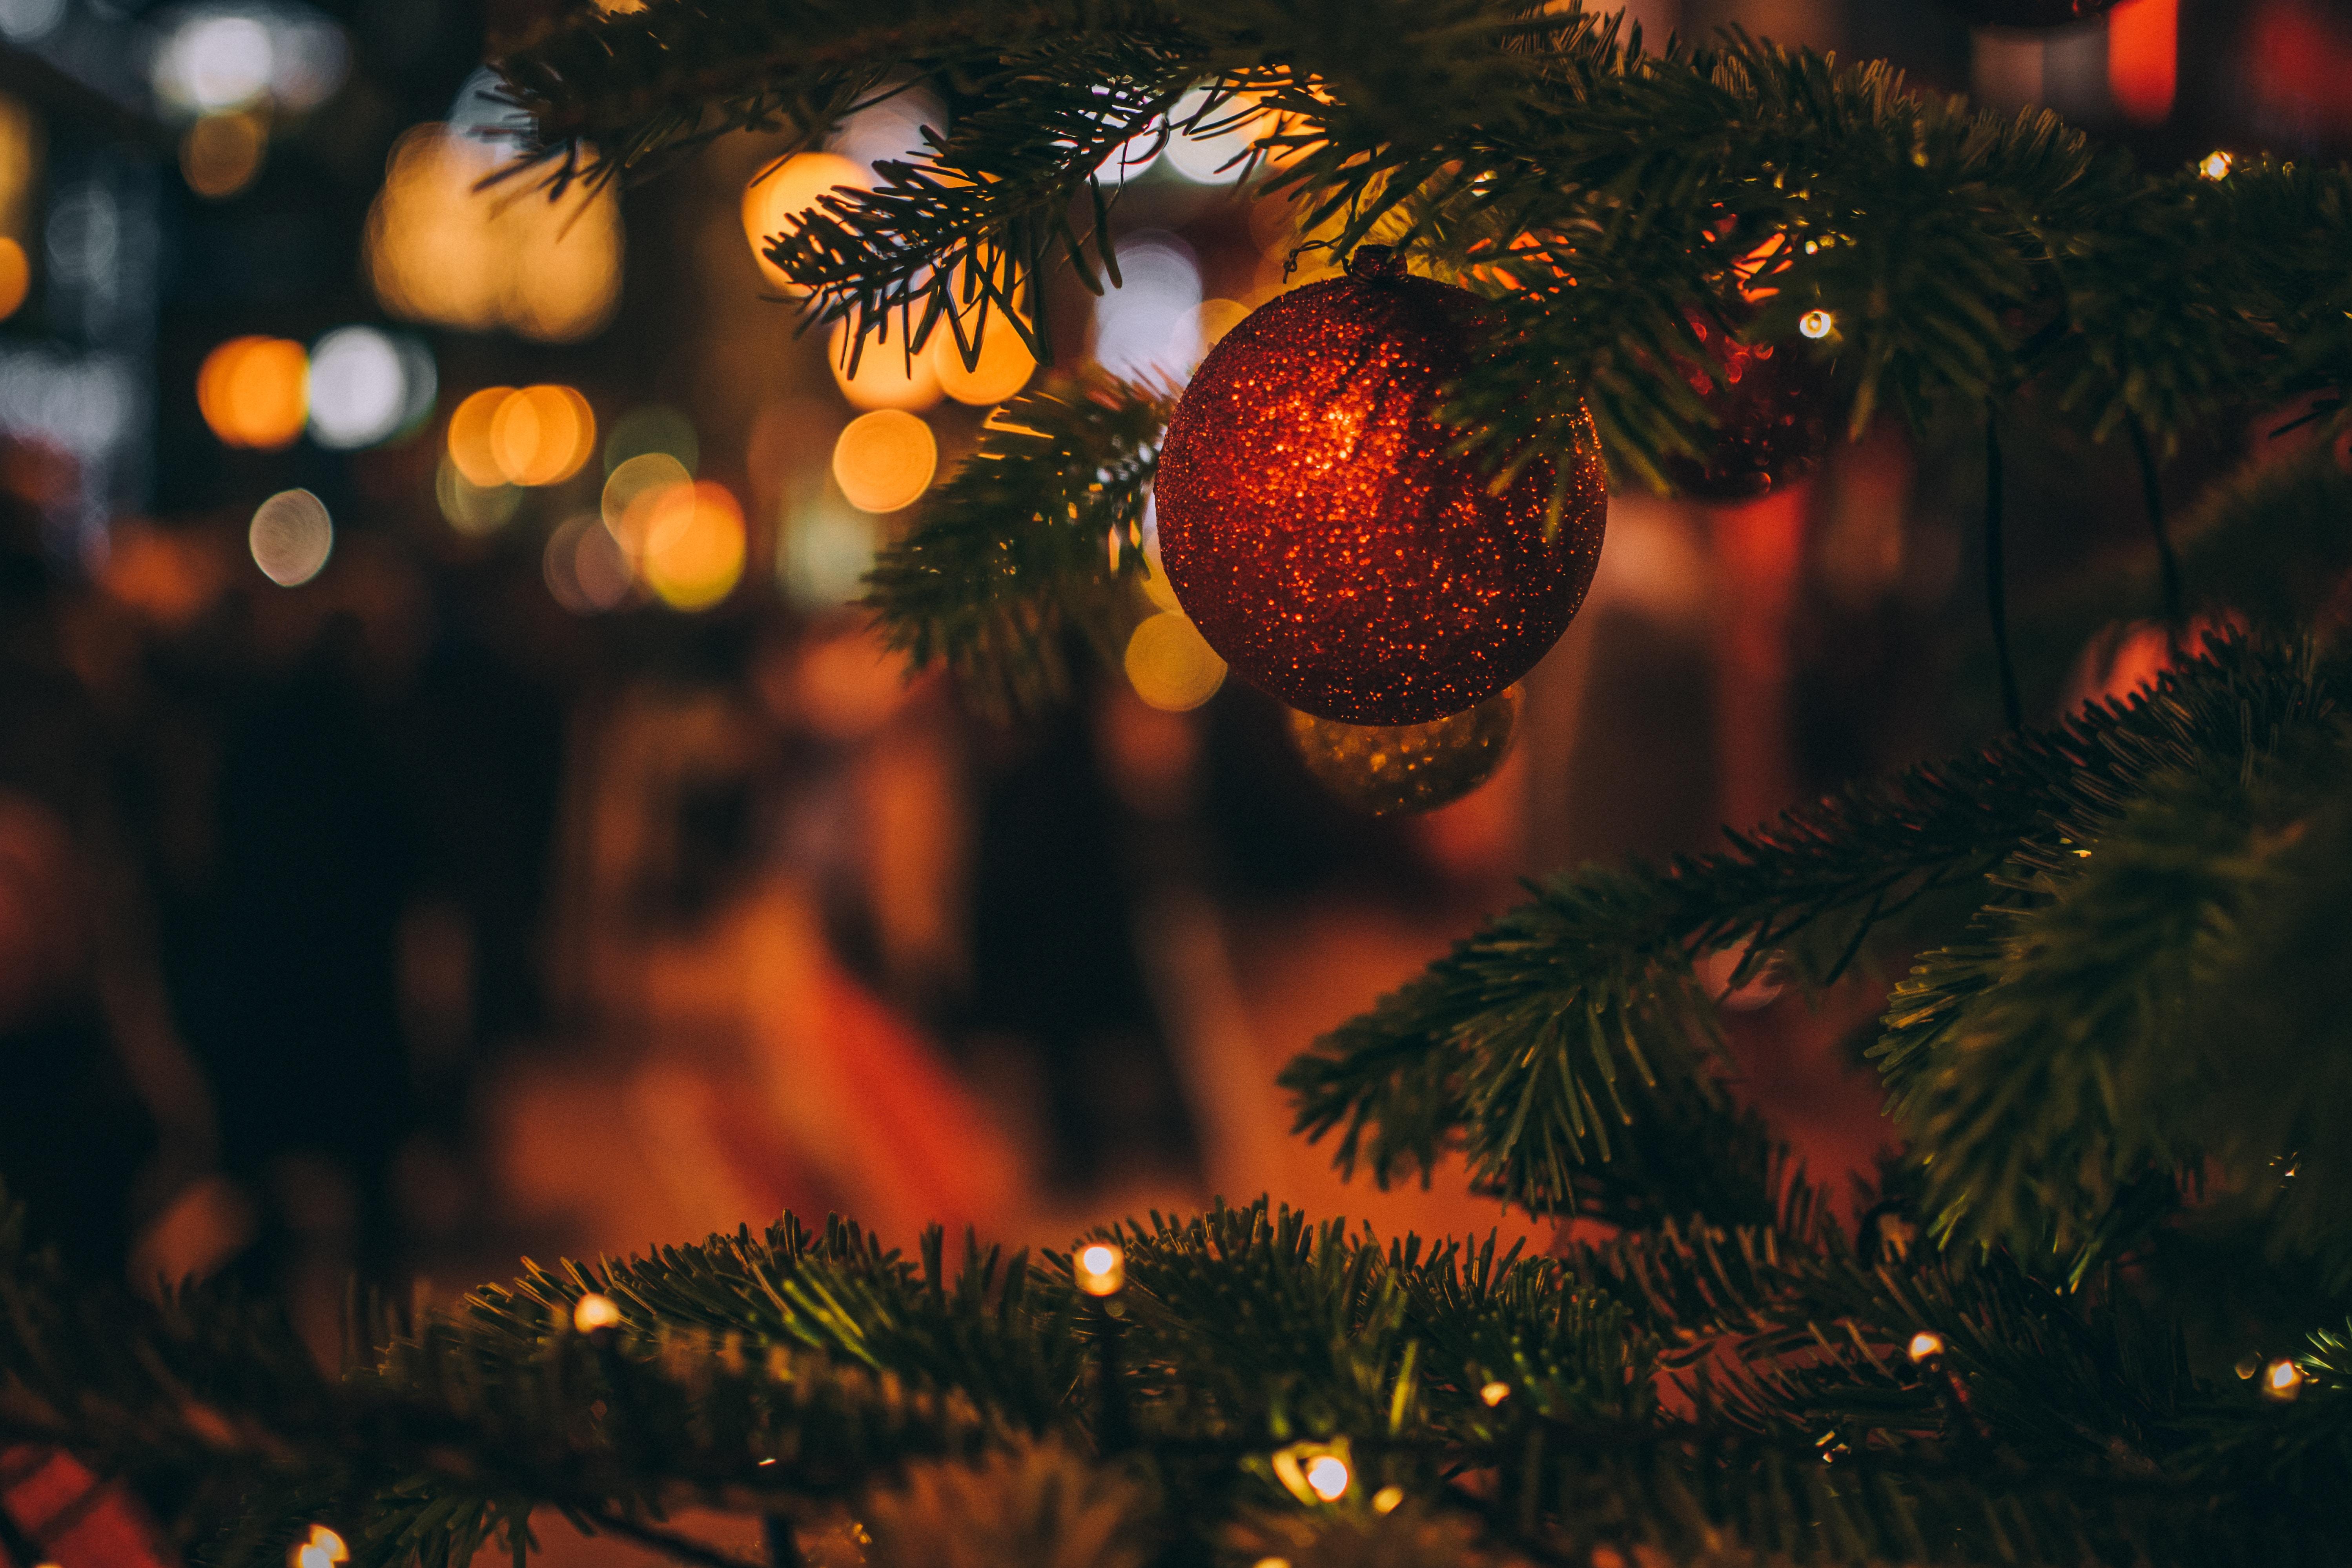 81698 Salvapantallas y fondos de pantalla Año Nuevo en tu teléfono. Descarga imágenes de Vacaciones, Juguete Del Árbol De Navidad, Árbol De Navidad De Juego, Árbol De Navidad, Navidad, Año Nuevo, Borrosidad, Suave, Decoración gratis